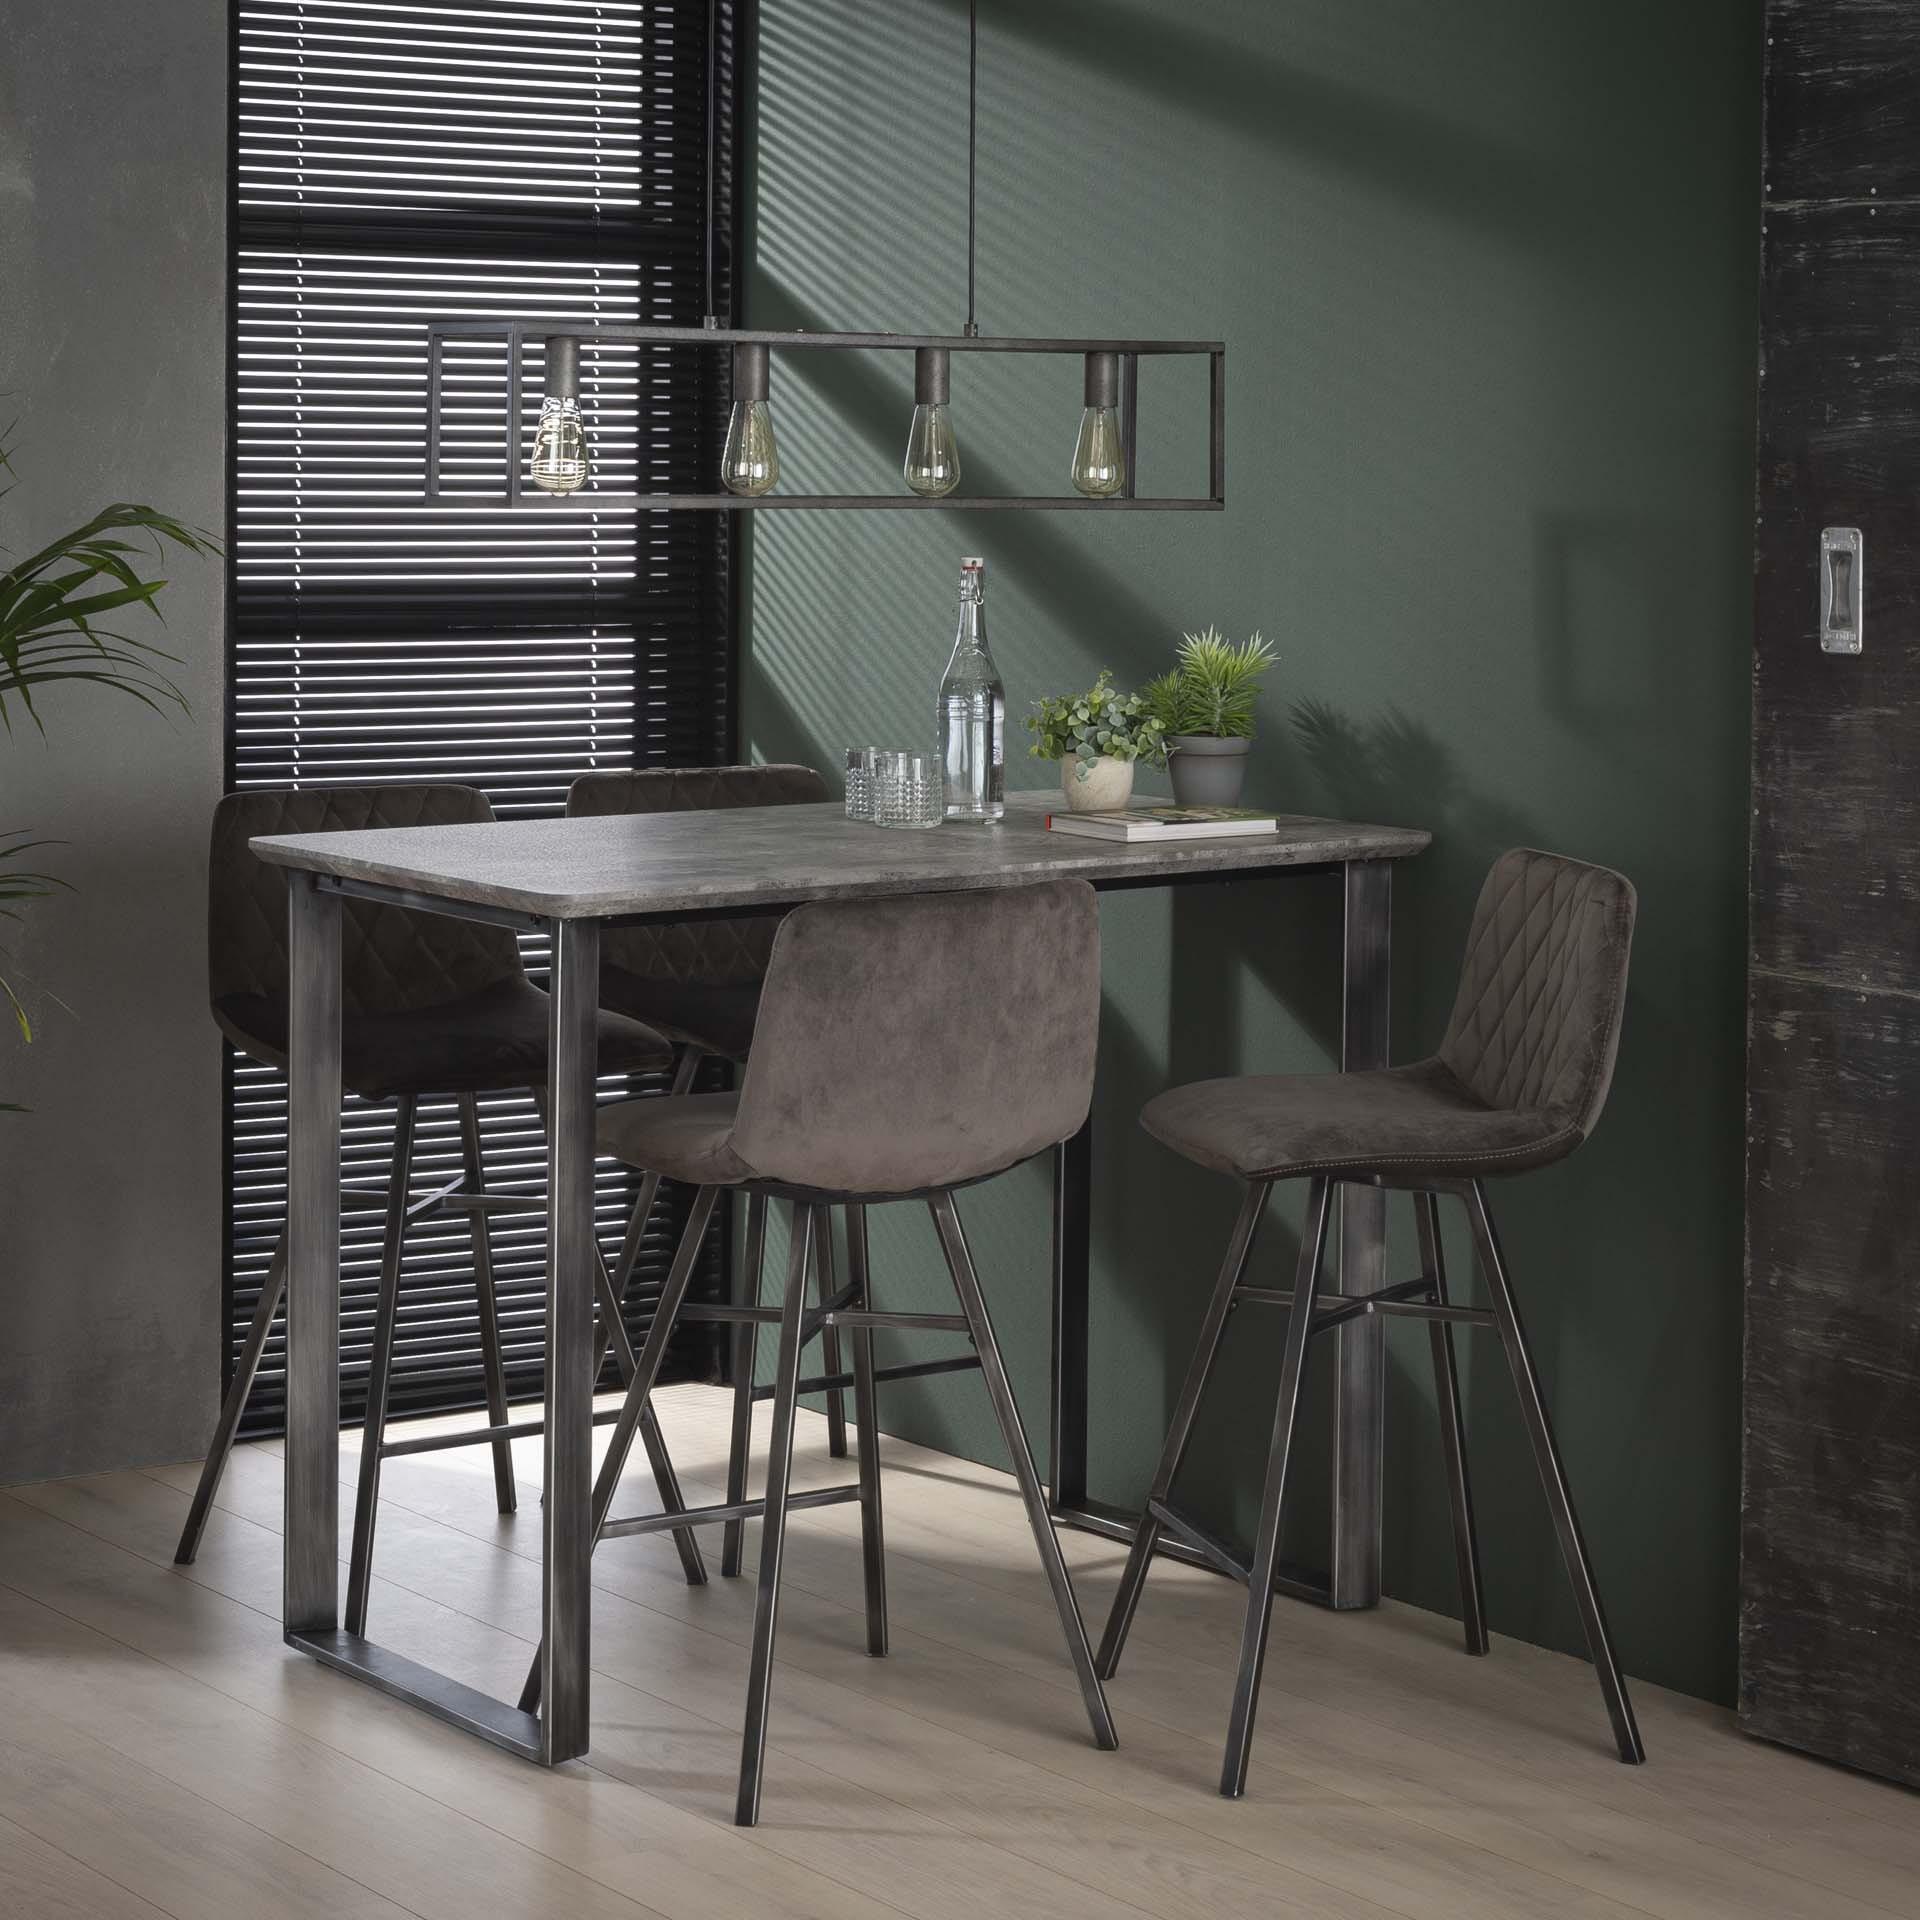 Industri?le Bartafel 'Queens' MDF 120 x 70cm, kleur 3D-betonlook Tafels   Bartafels vergelijken doe je het voordeligst hier bij Meubelpartner